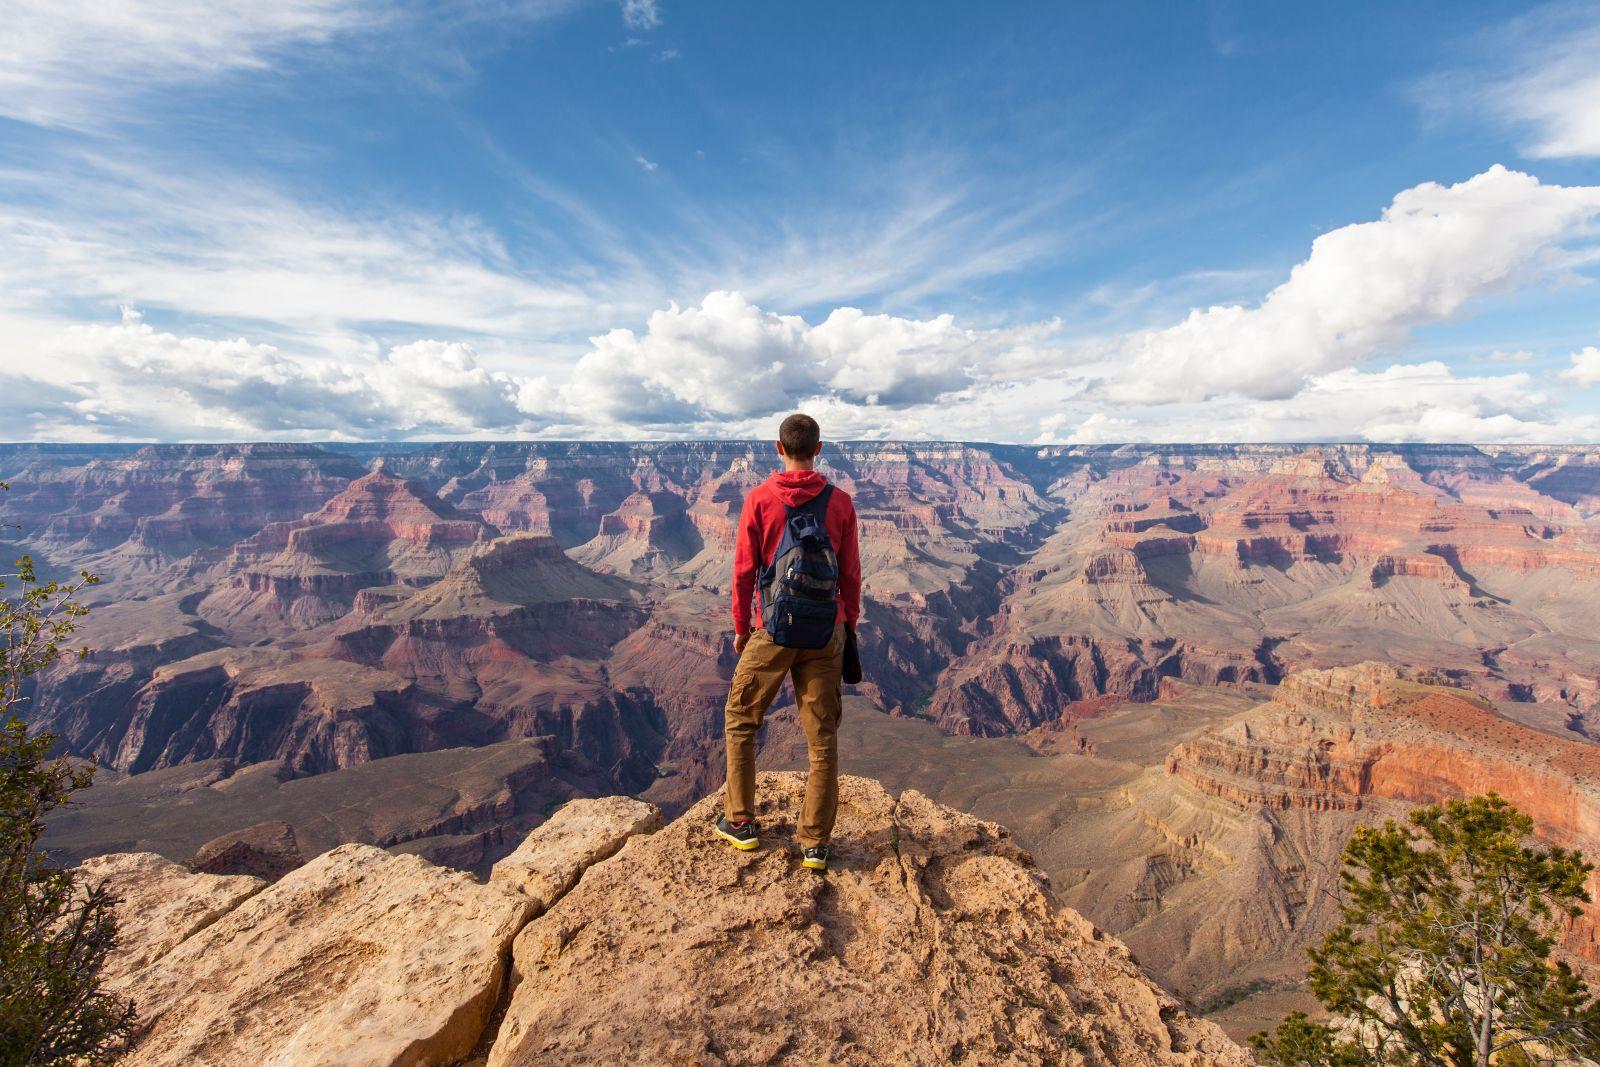 Im Jahr 2017 kamen 72,9 Millionen ausländische Besucher in die USA - weniger als in den Vorjahren.